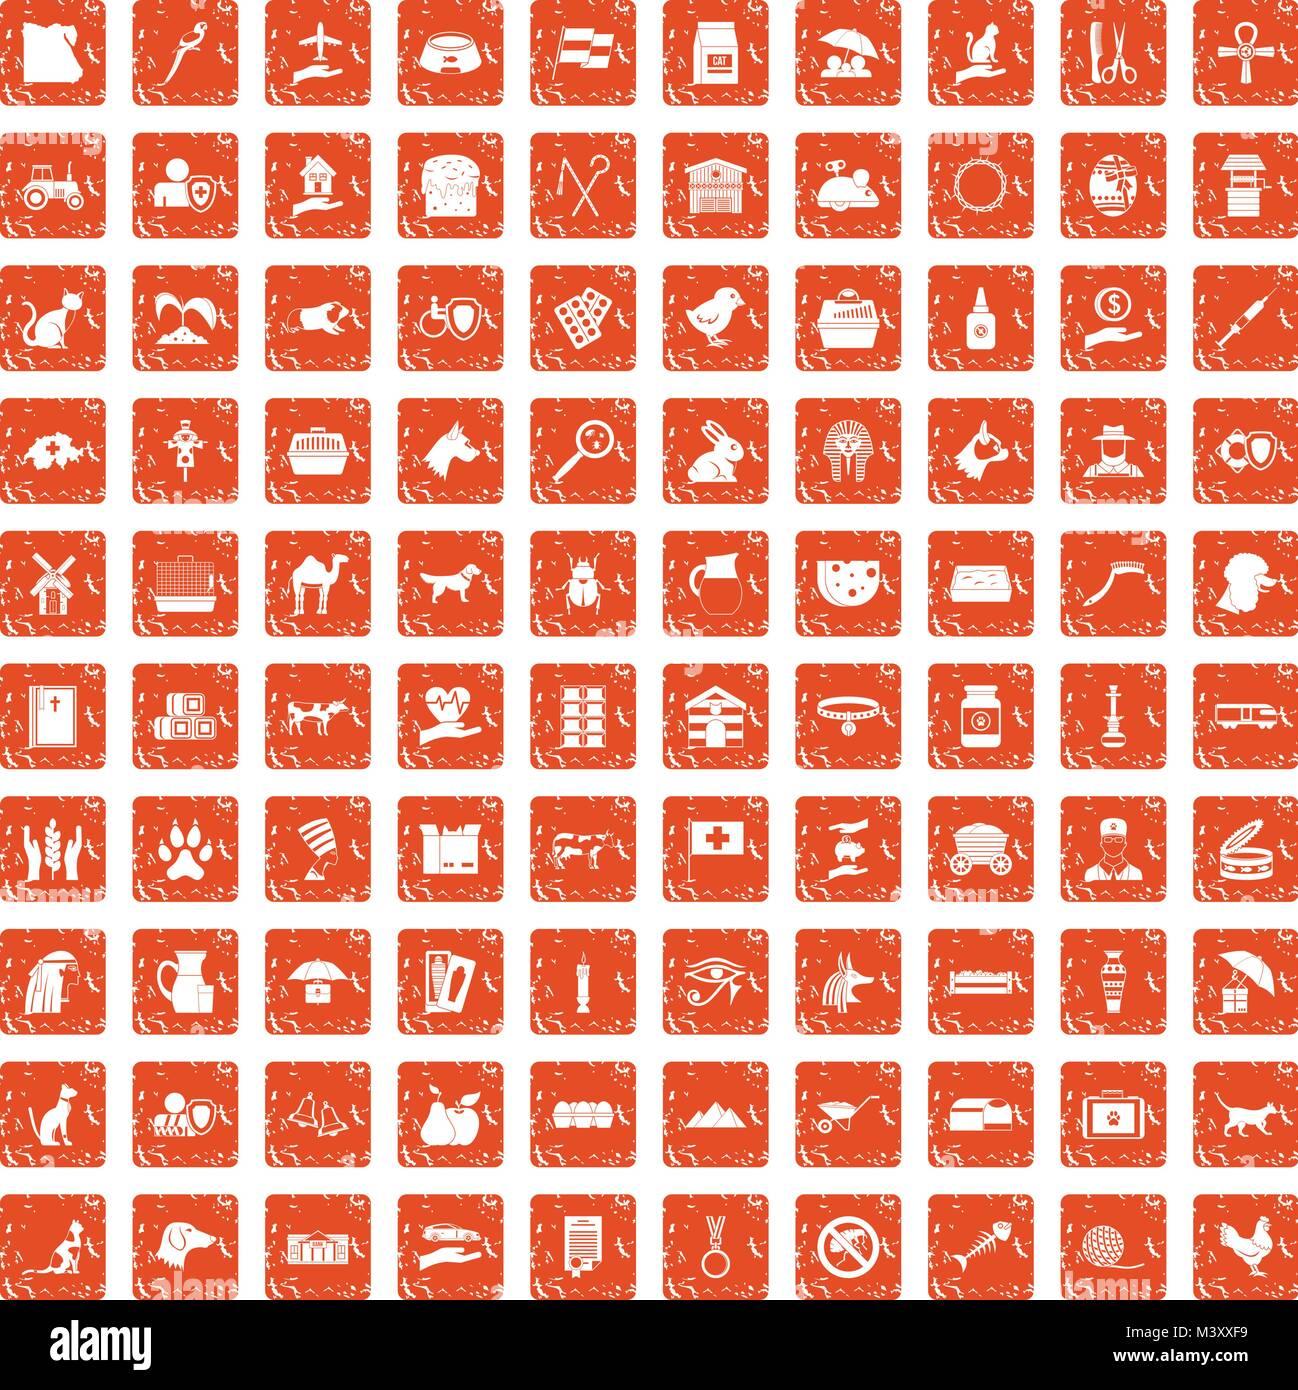 100 pets icons set grunge orange - Stock Image